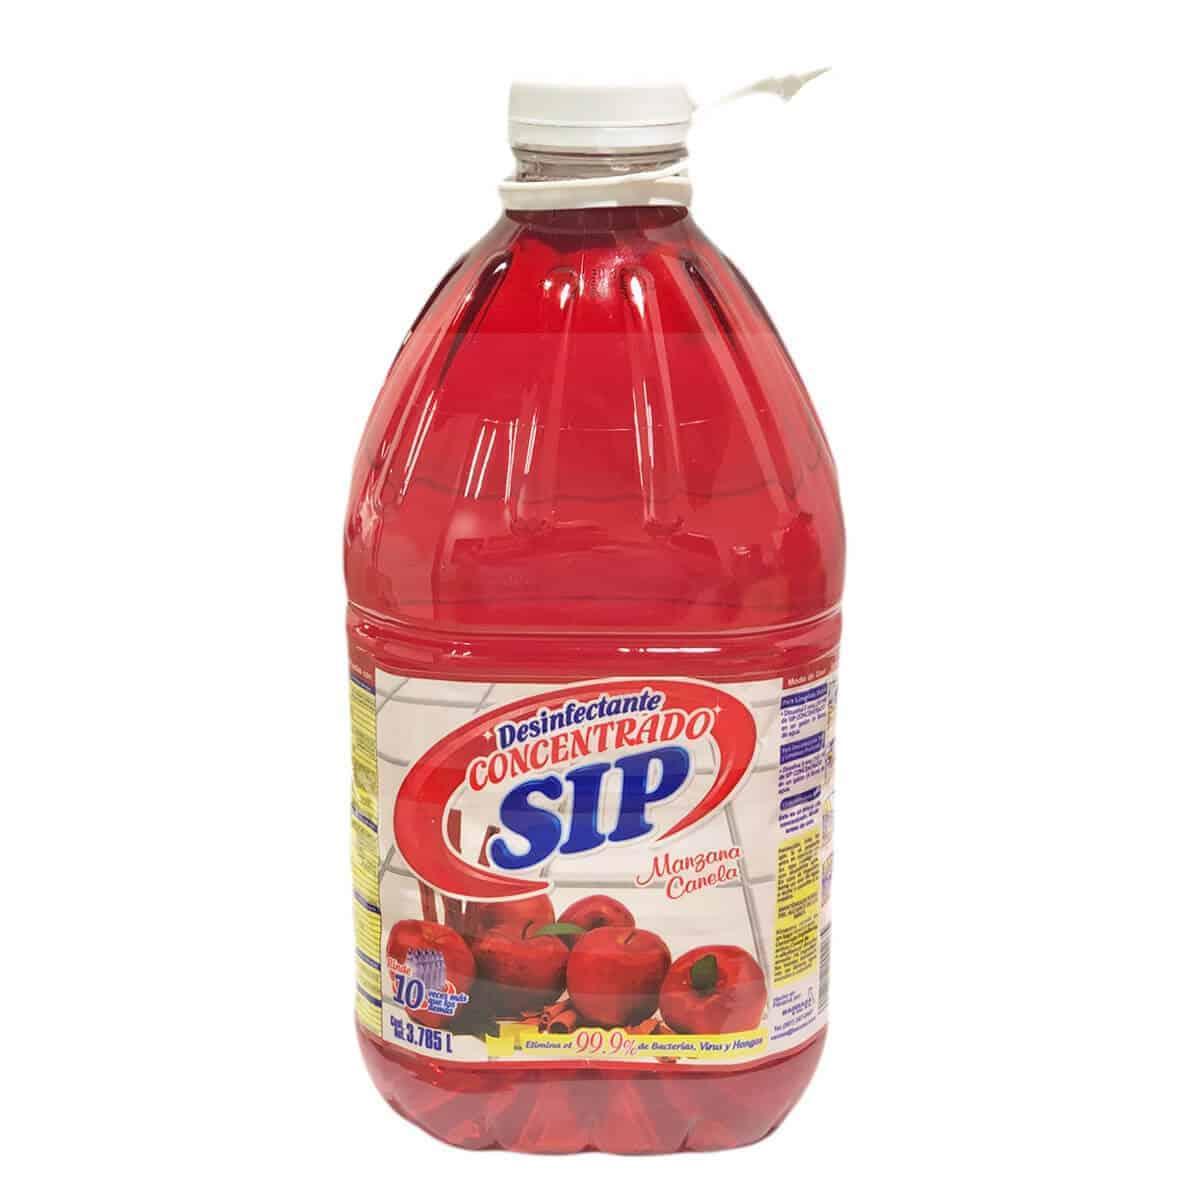 Desinfectante SIP Concentrado Multiuso Apple Spice, 1 Galón